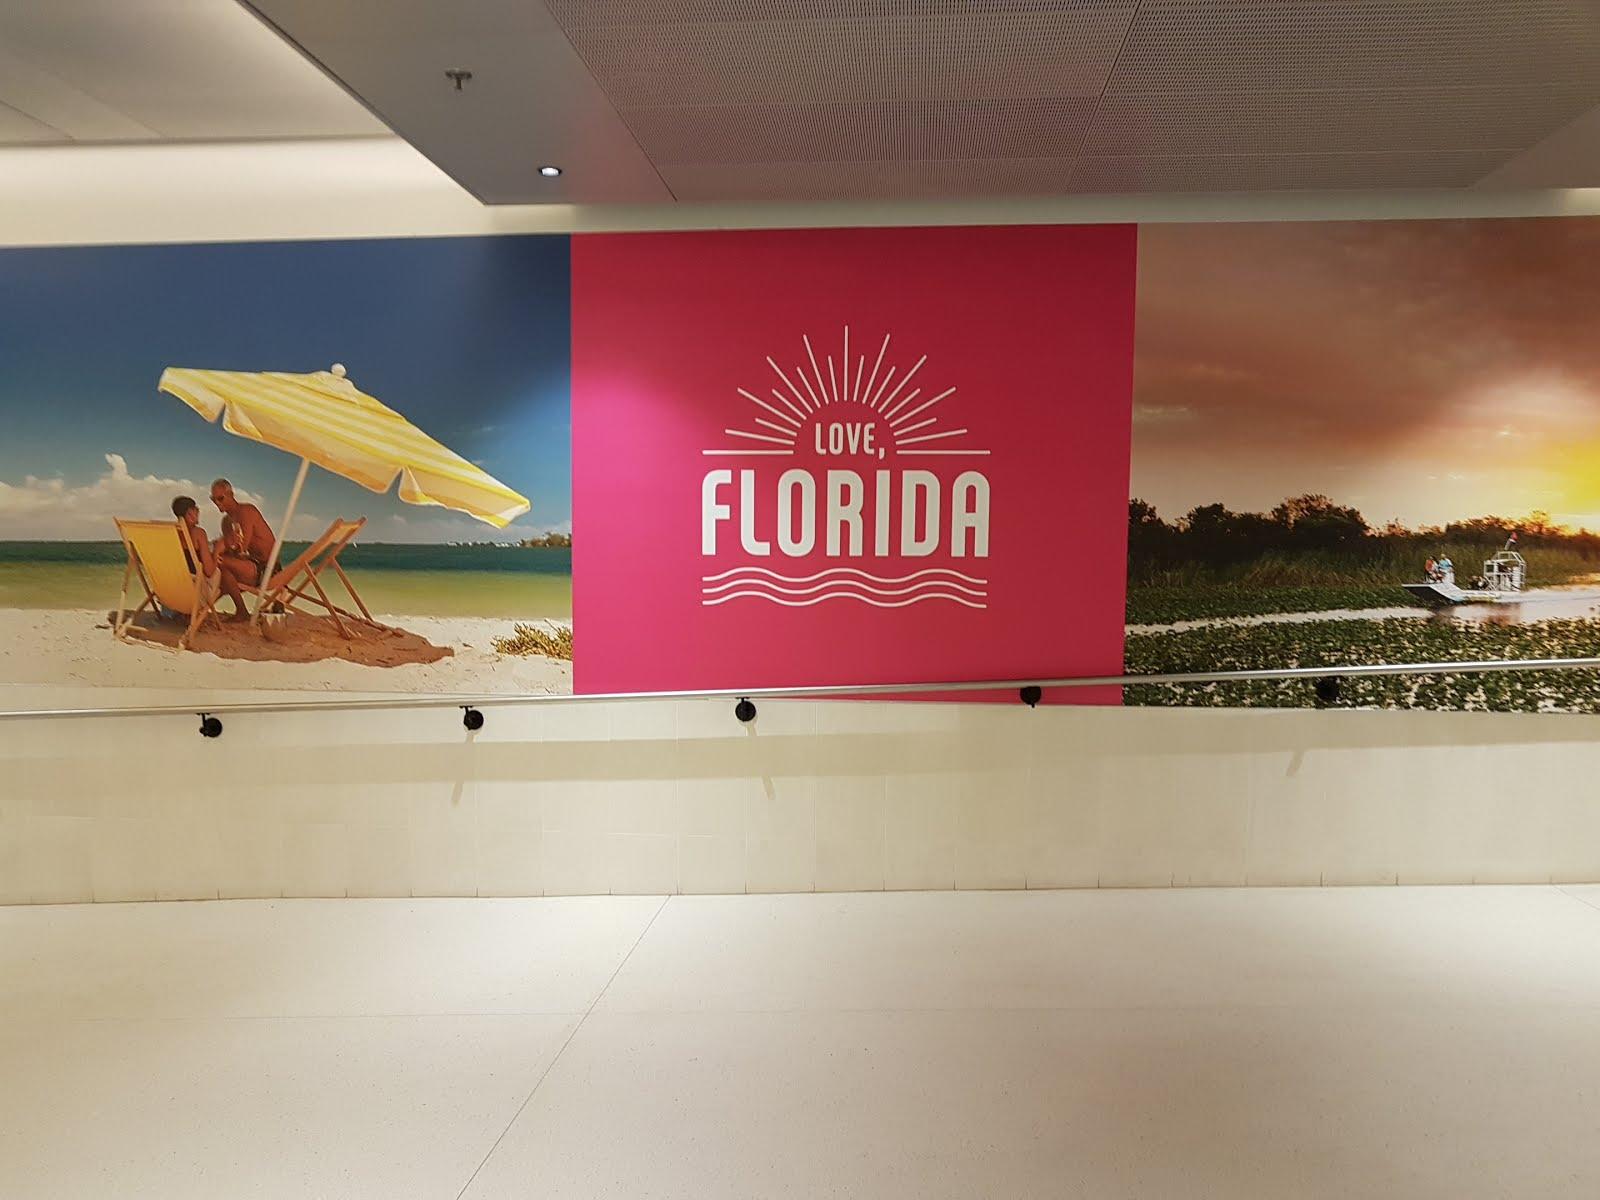 Boca Raton FL Nov 14 - 28 2017